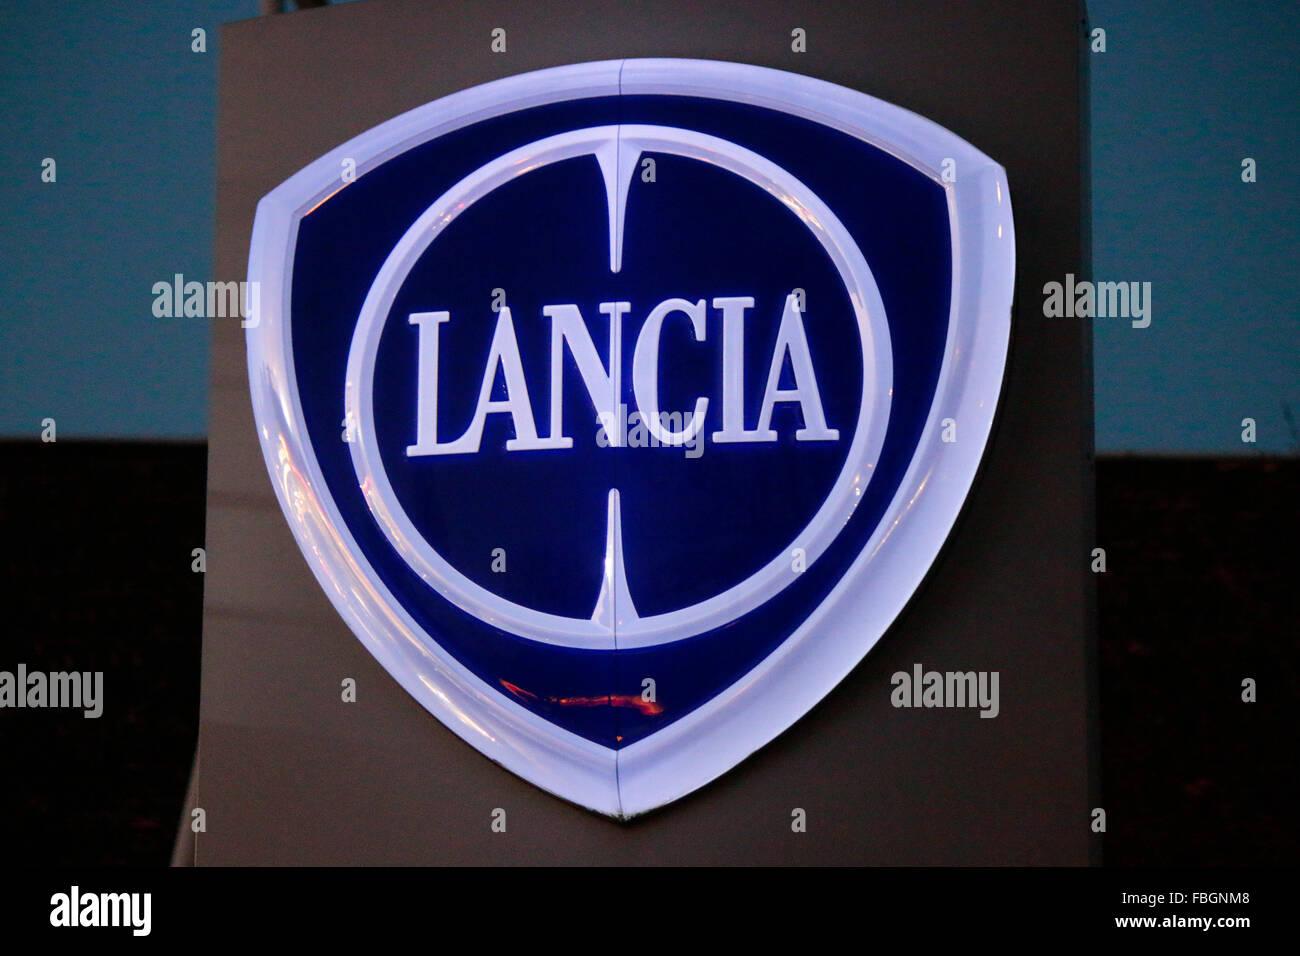 auto car lancia logo stock photos & auto car lancia logo stock